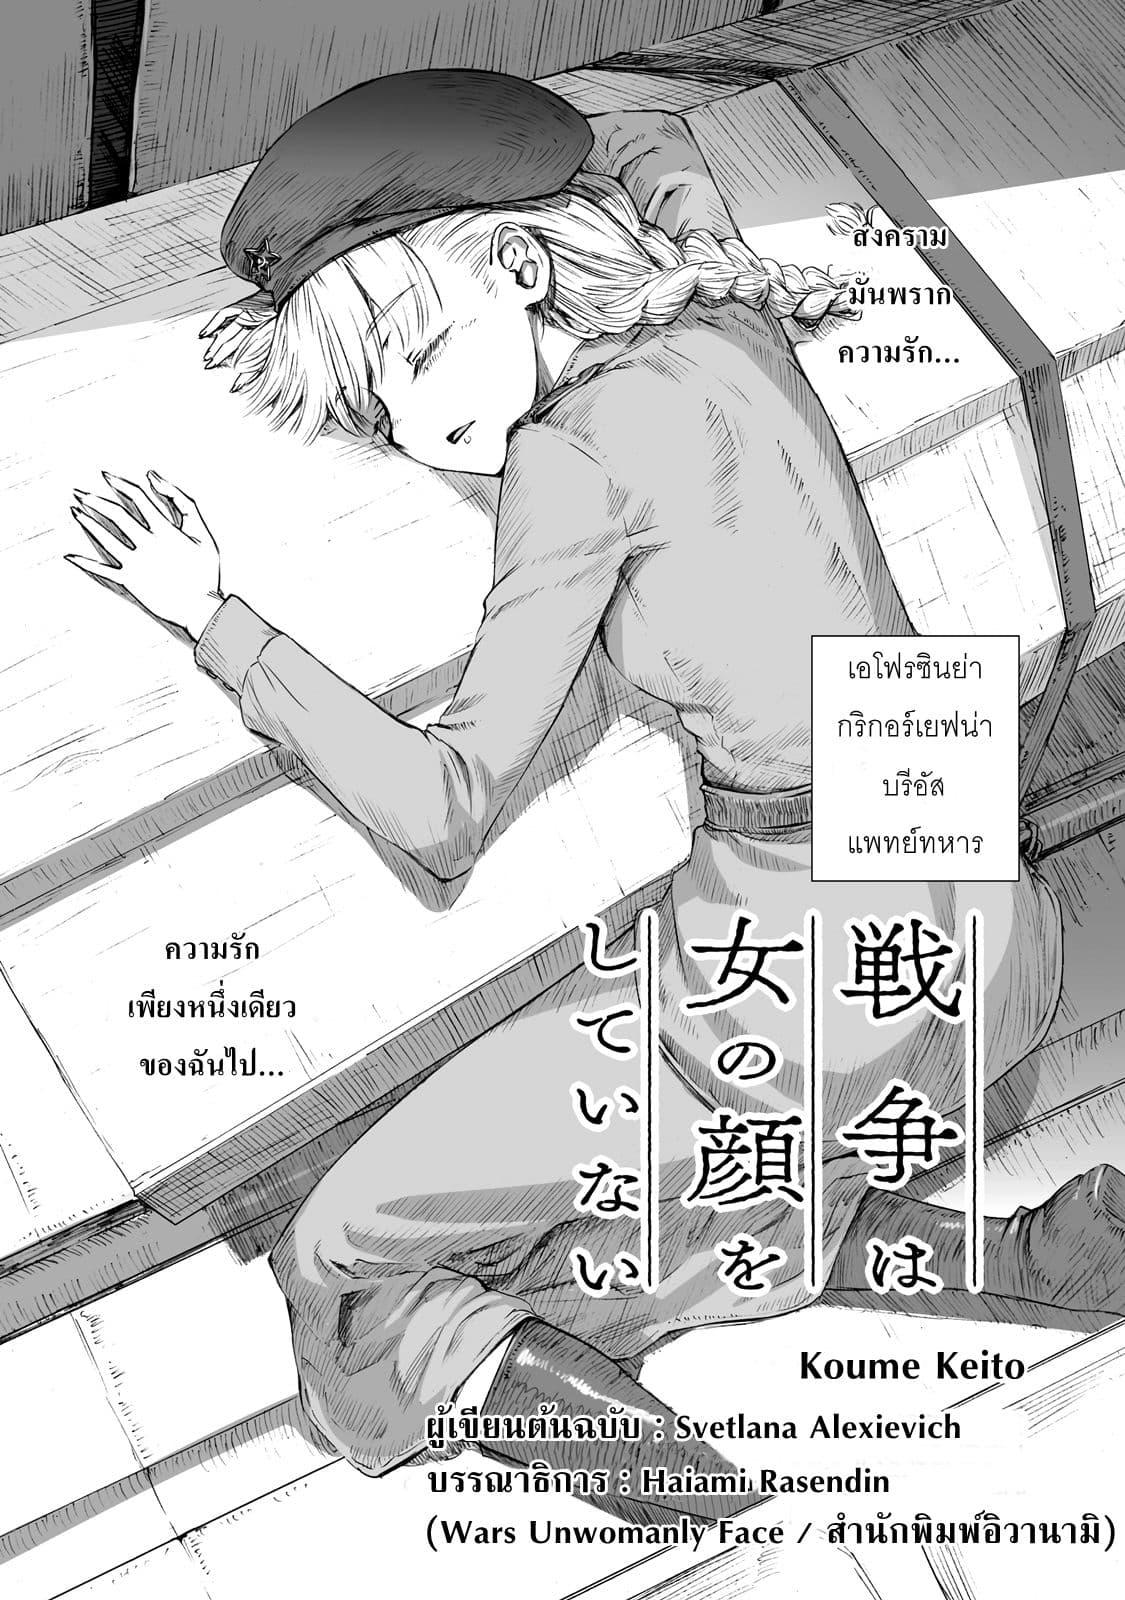 อ่านการ์ตูน Senso wa onna no kao o shite inai ตอนที่ 2 หน้าที่ 1